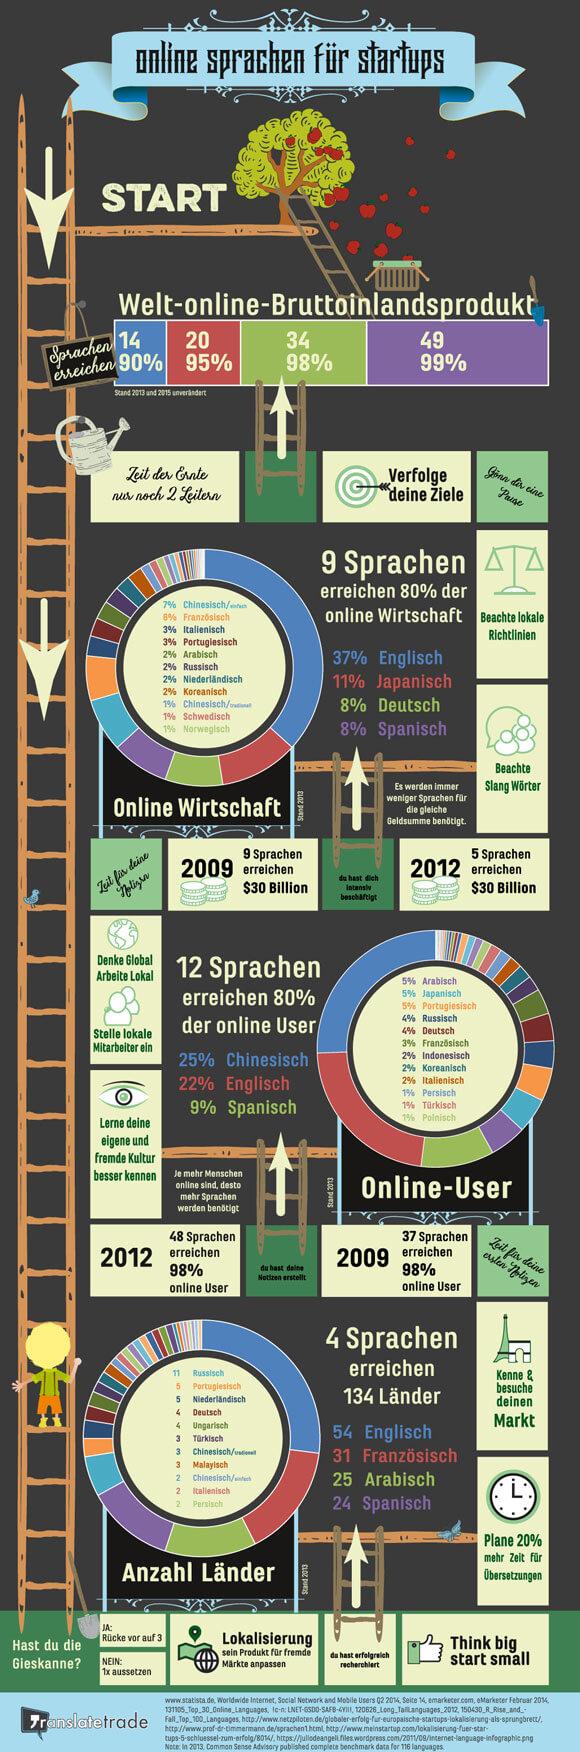 ds-sprachen-startups